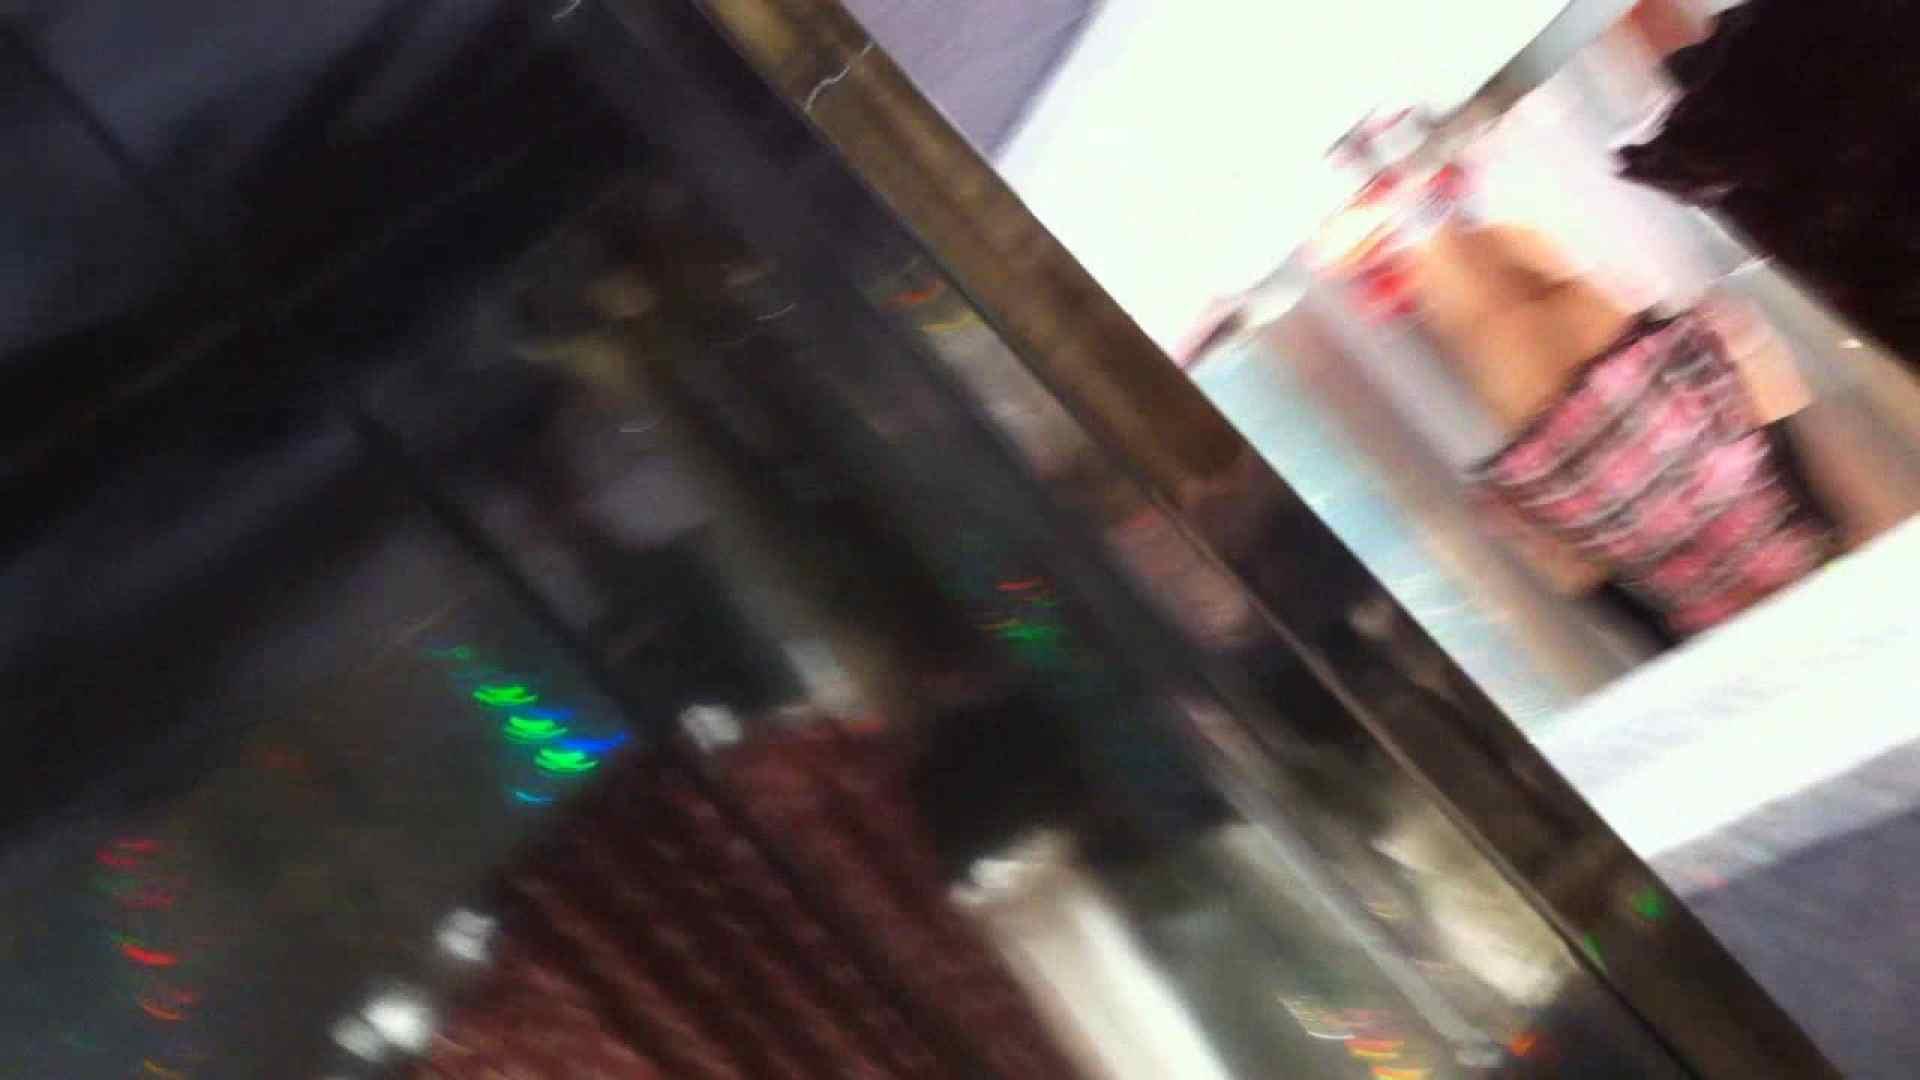 フルHD ショップ店員千人斬り! 大画面ノーカット完全版 vol.45 OLエロ画像 | ギャルエロ画像  104PICs 29